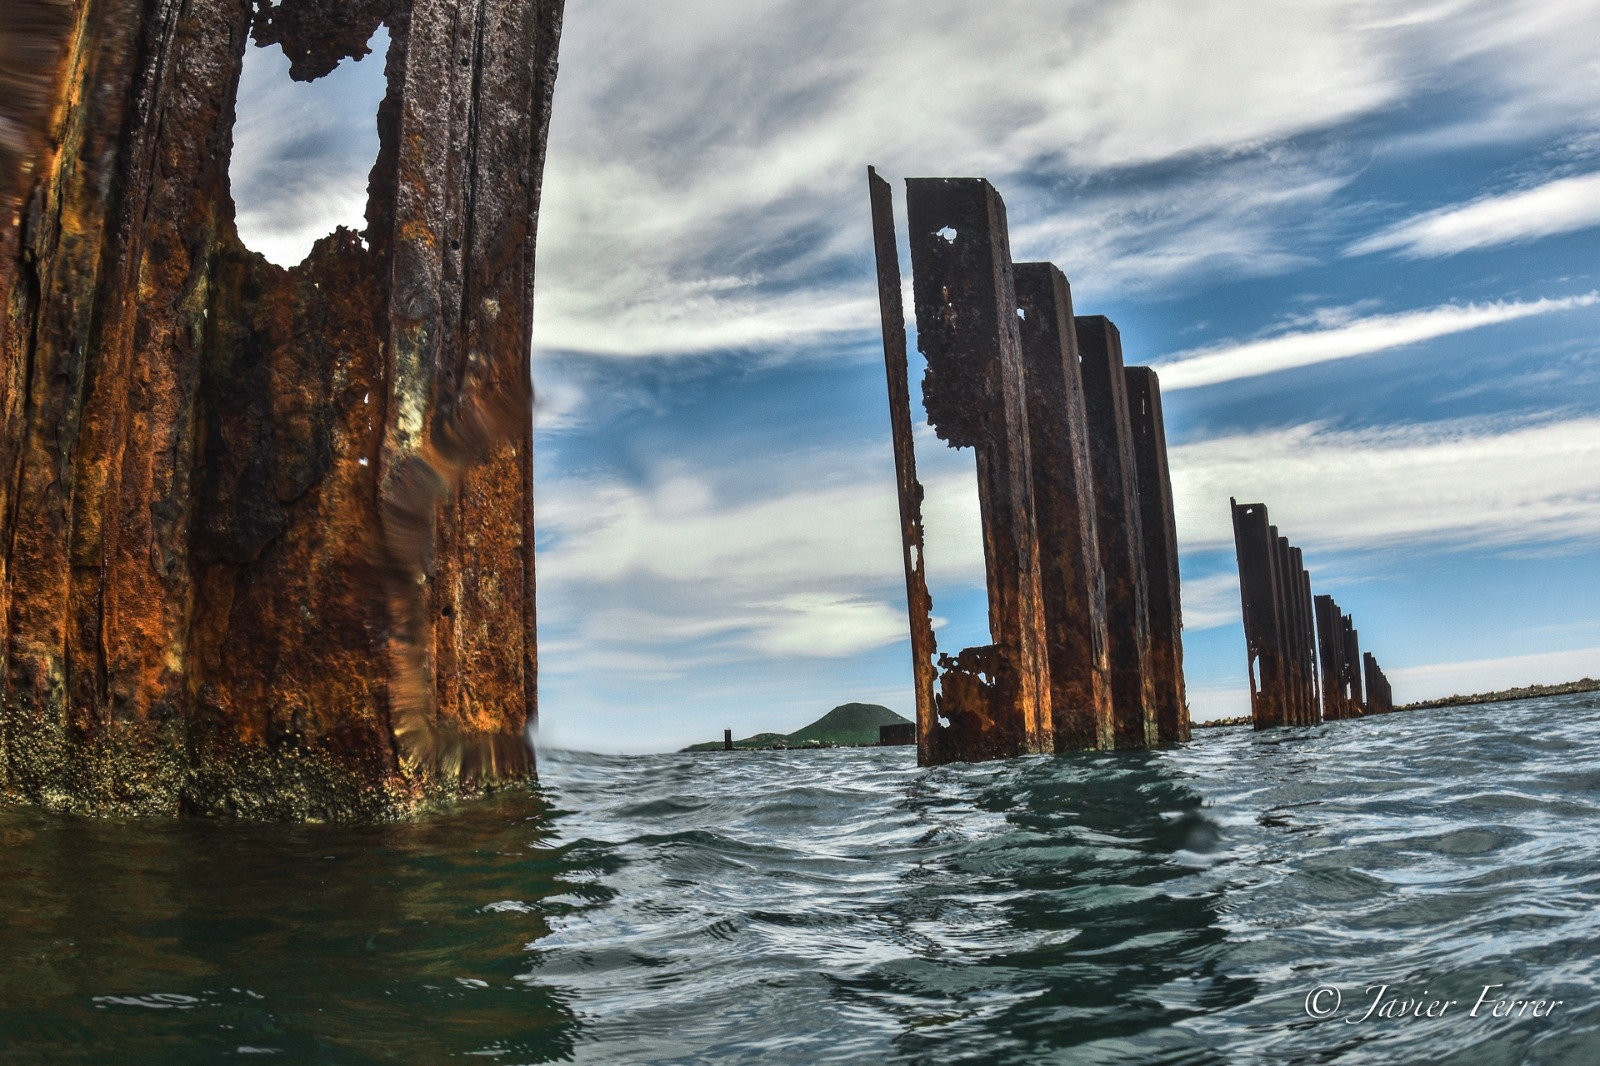 Tablestacas del puerto deterioradas por la corrosión marina. Imagen: J. Ferrer / ANSE.